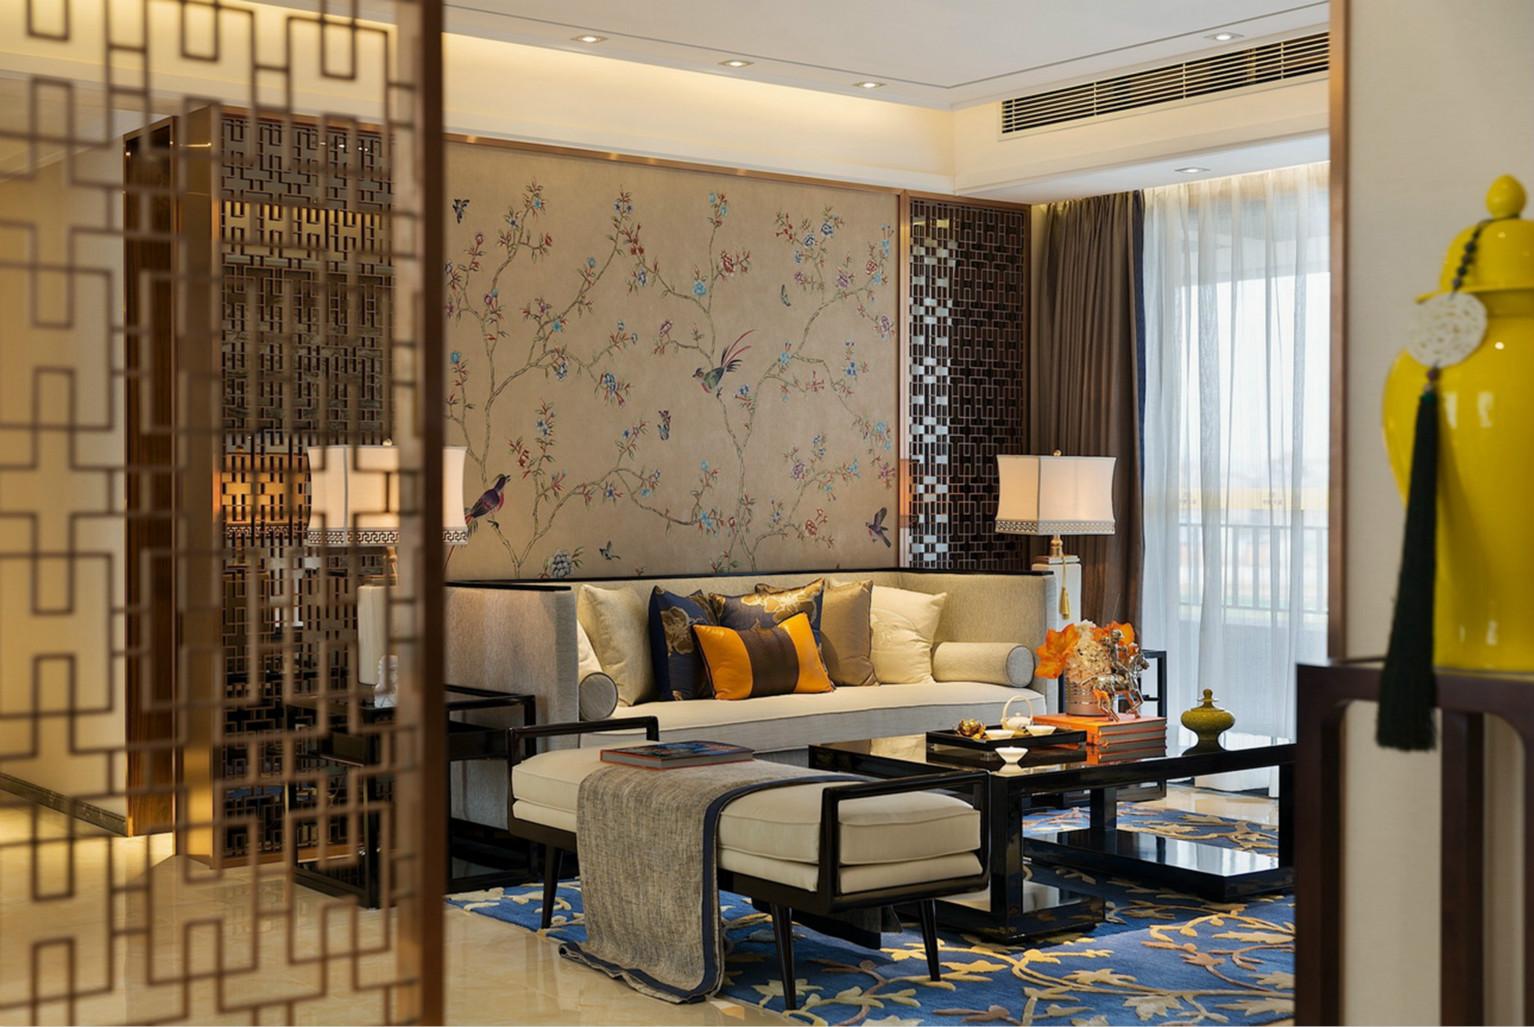 客厅中放置着大型的浅灰色布艺沙发,整个的简约大气感。